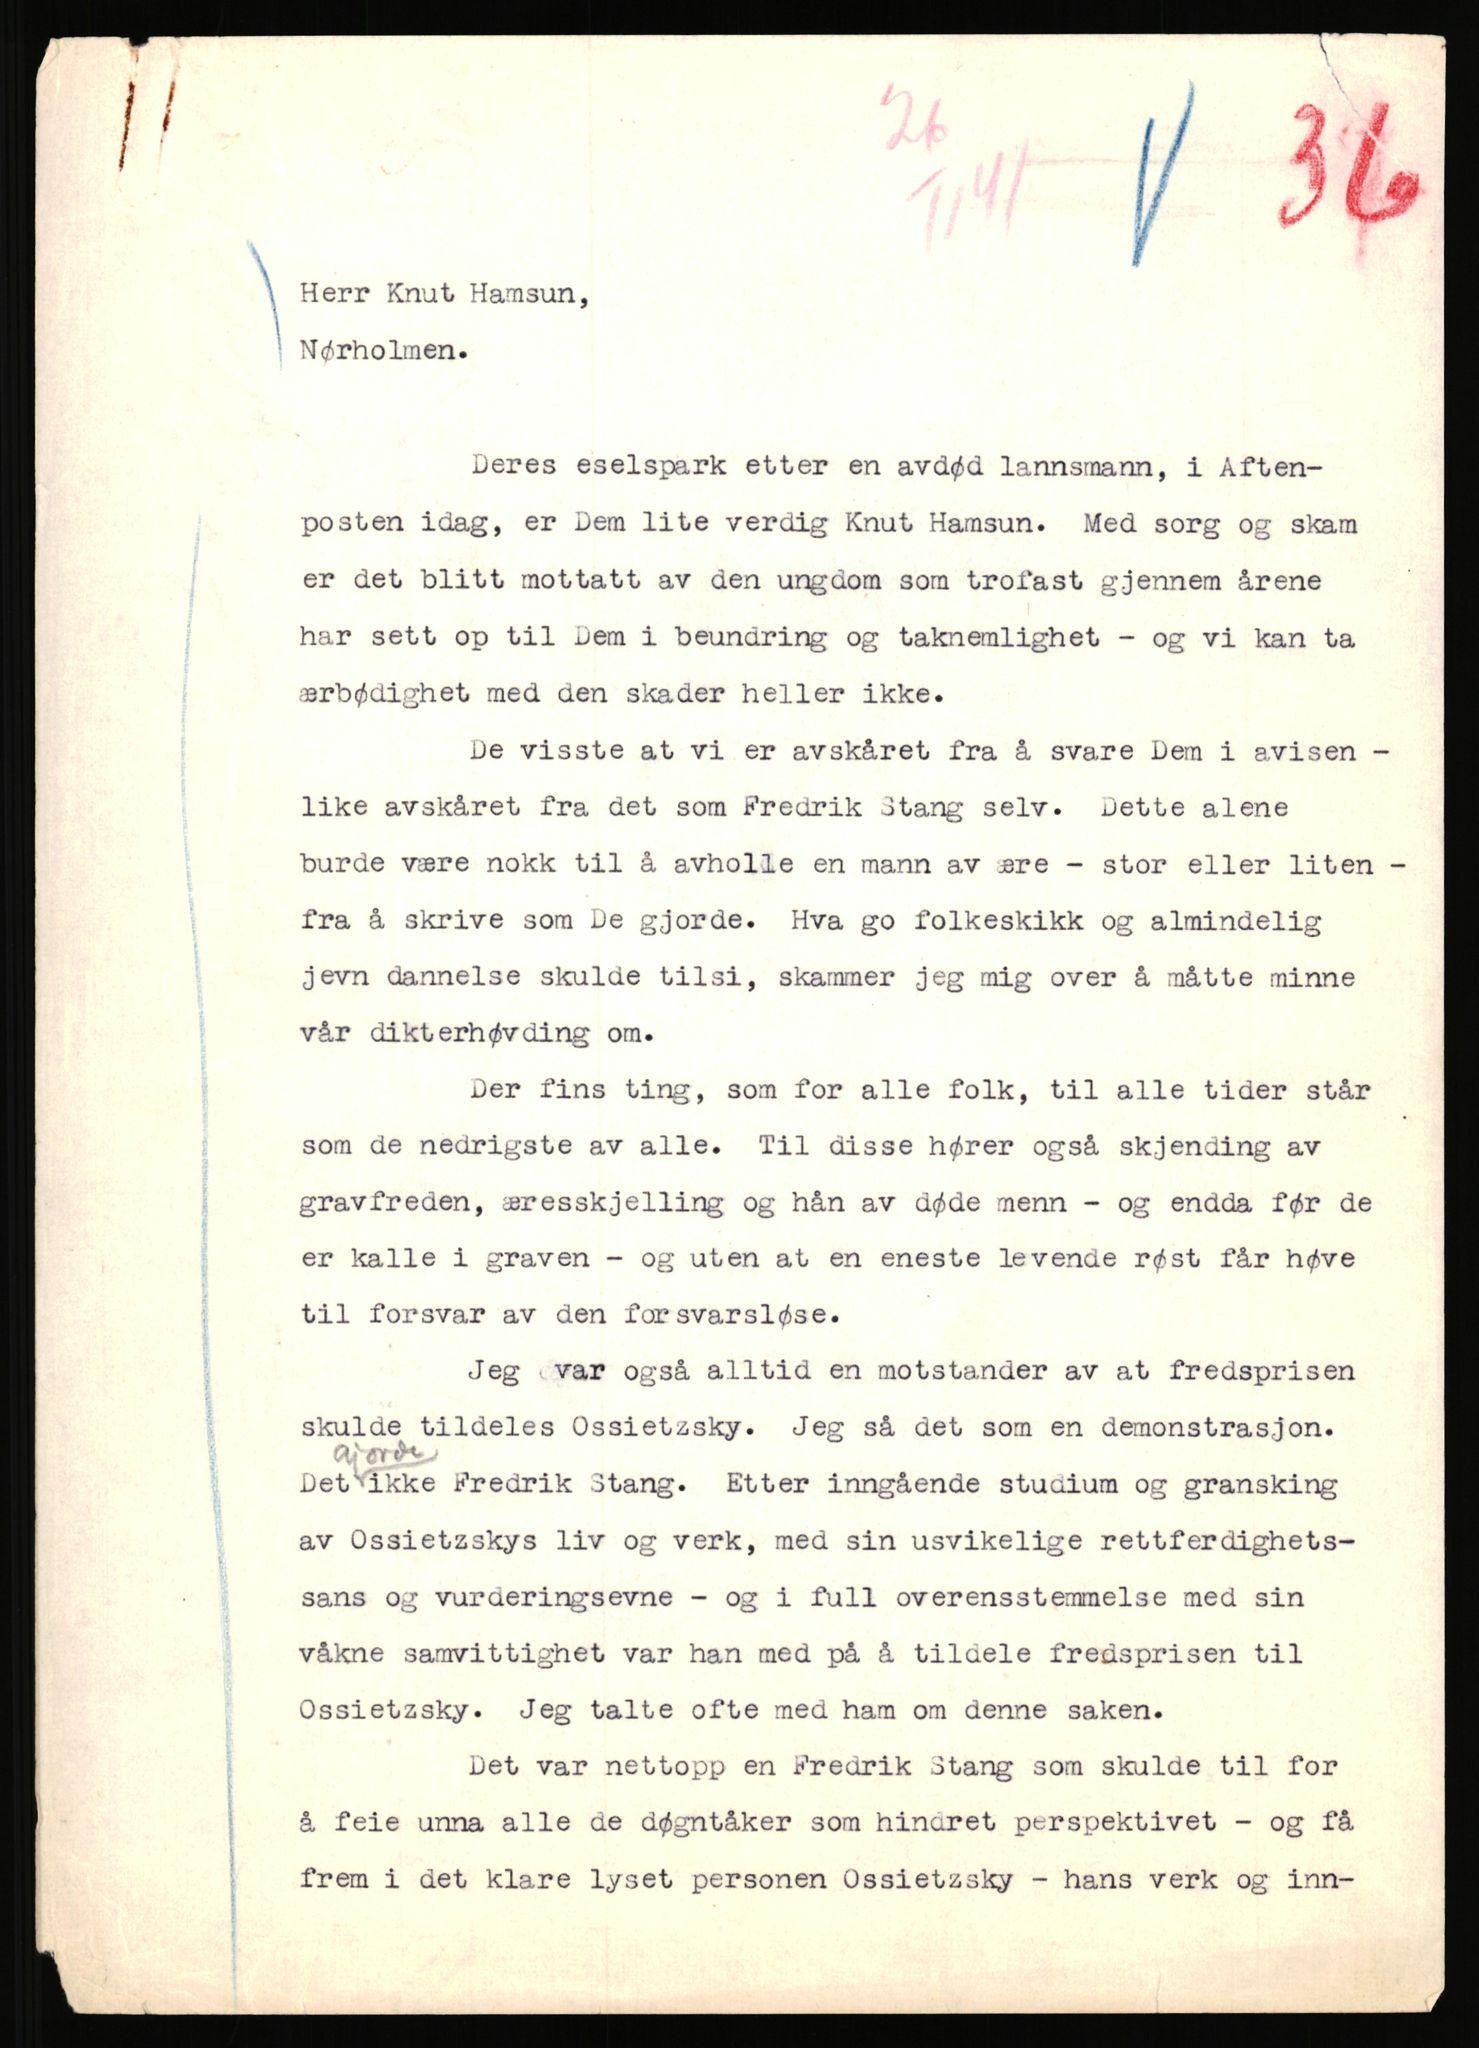 RA, Landssvikarkivet, Arendal politikammer, D/Dc/L0029: Anr. 192/45, 1945-1951, s. 355